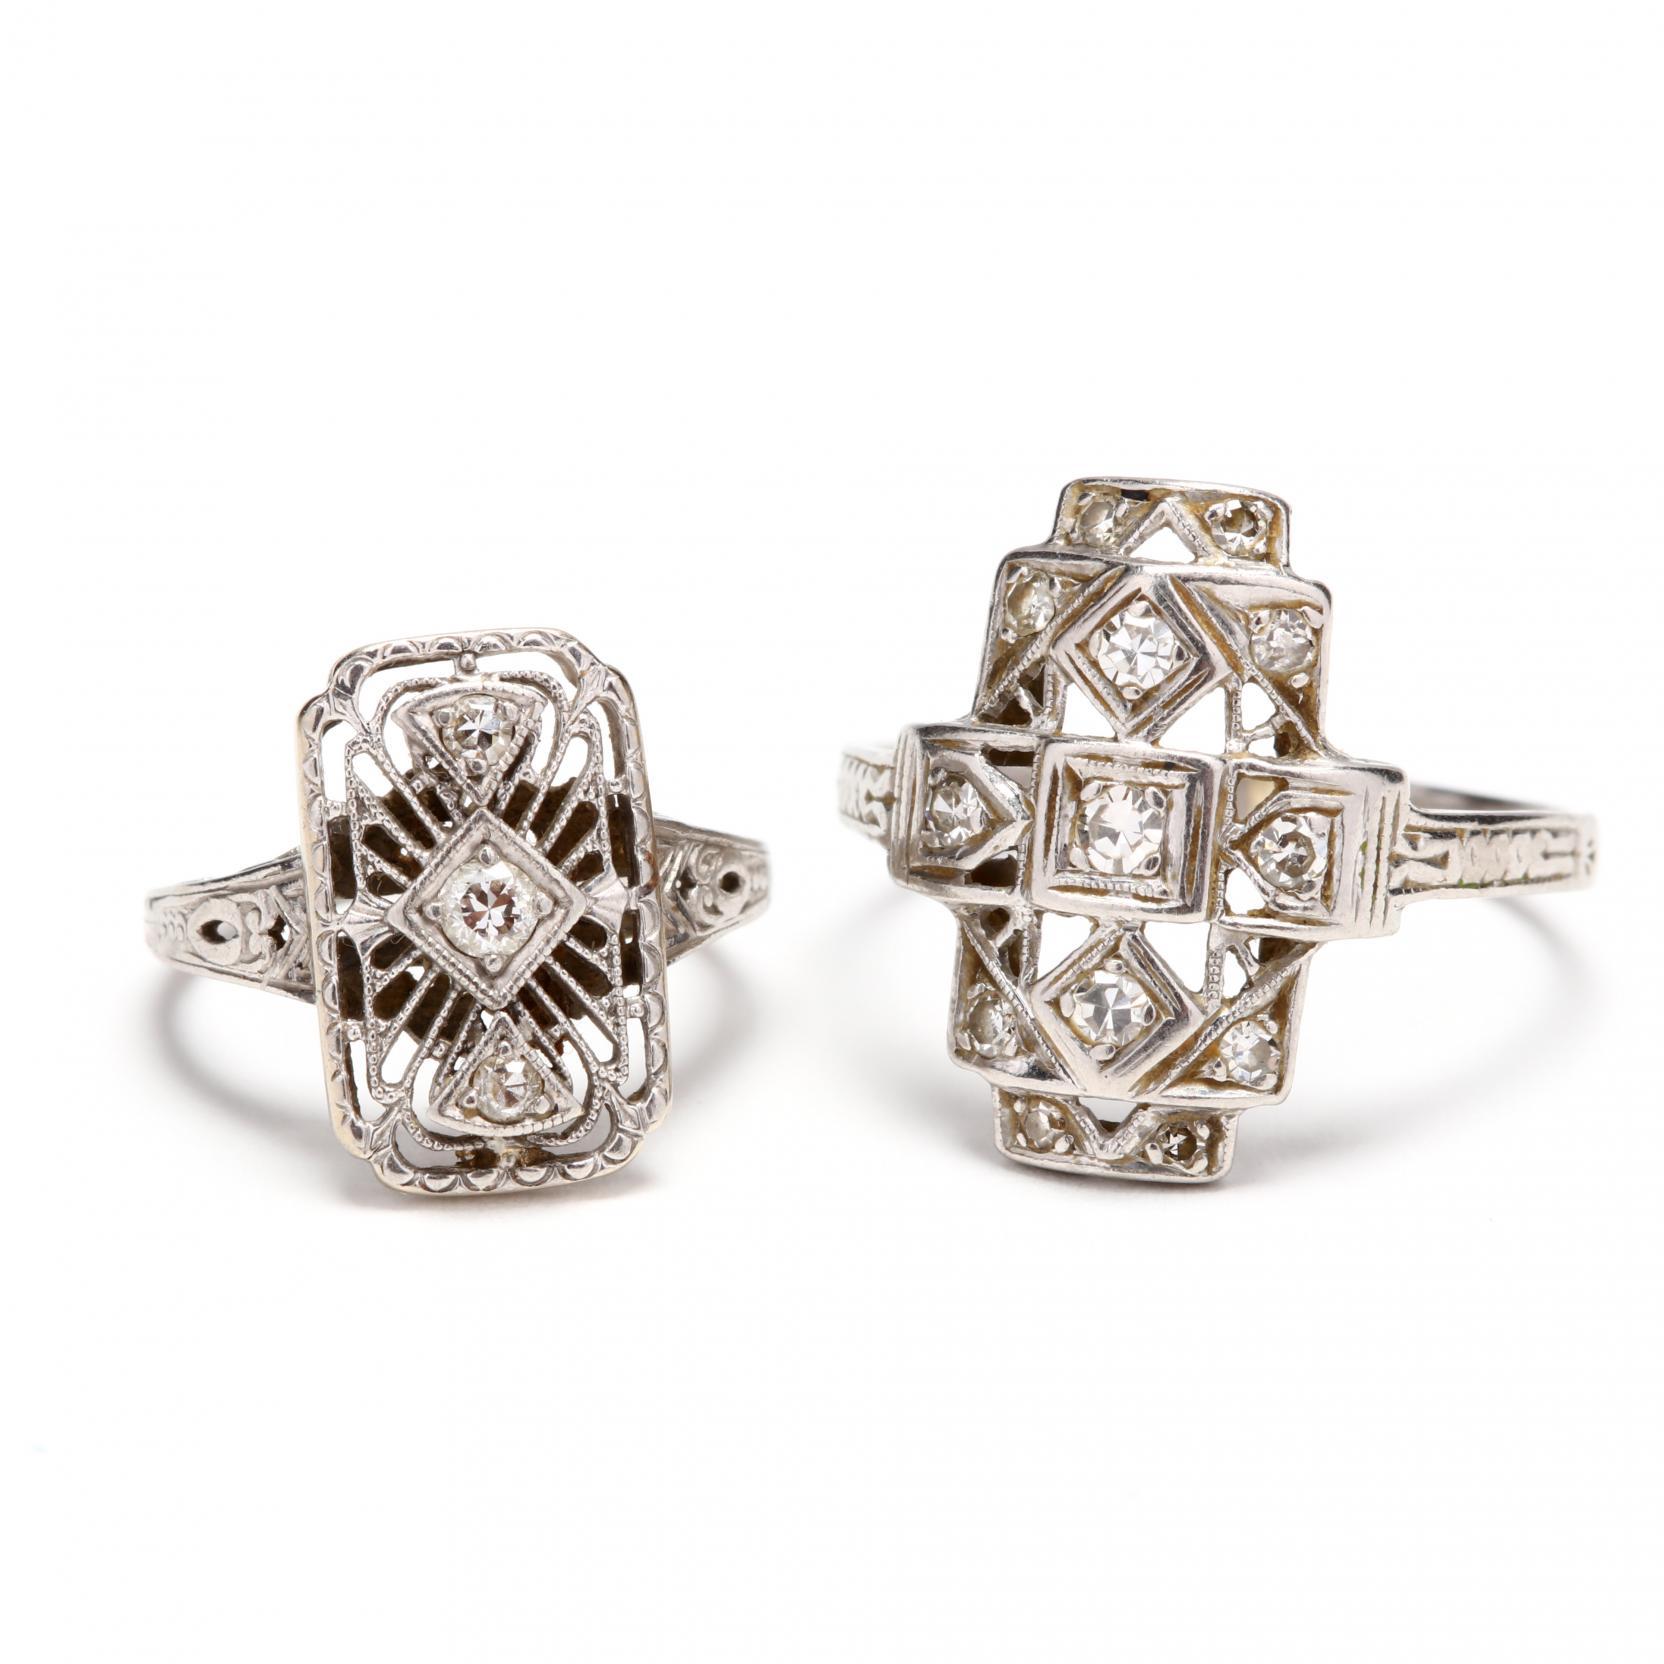 two-platinum-diamond-rings